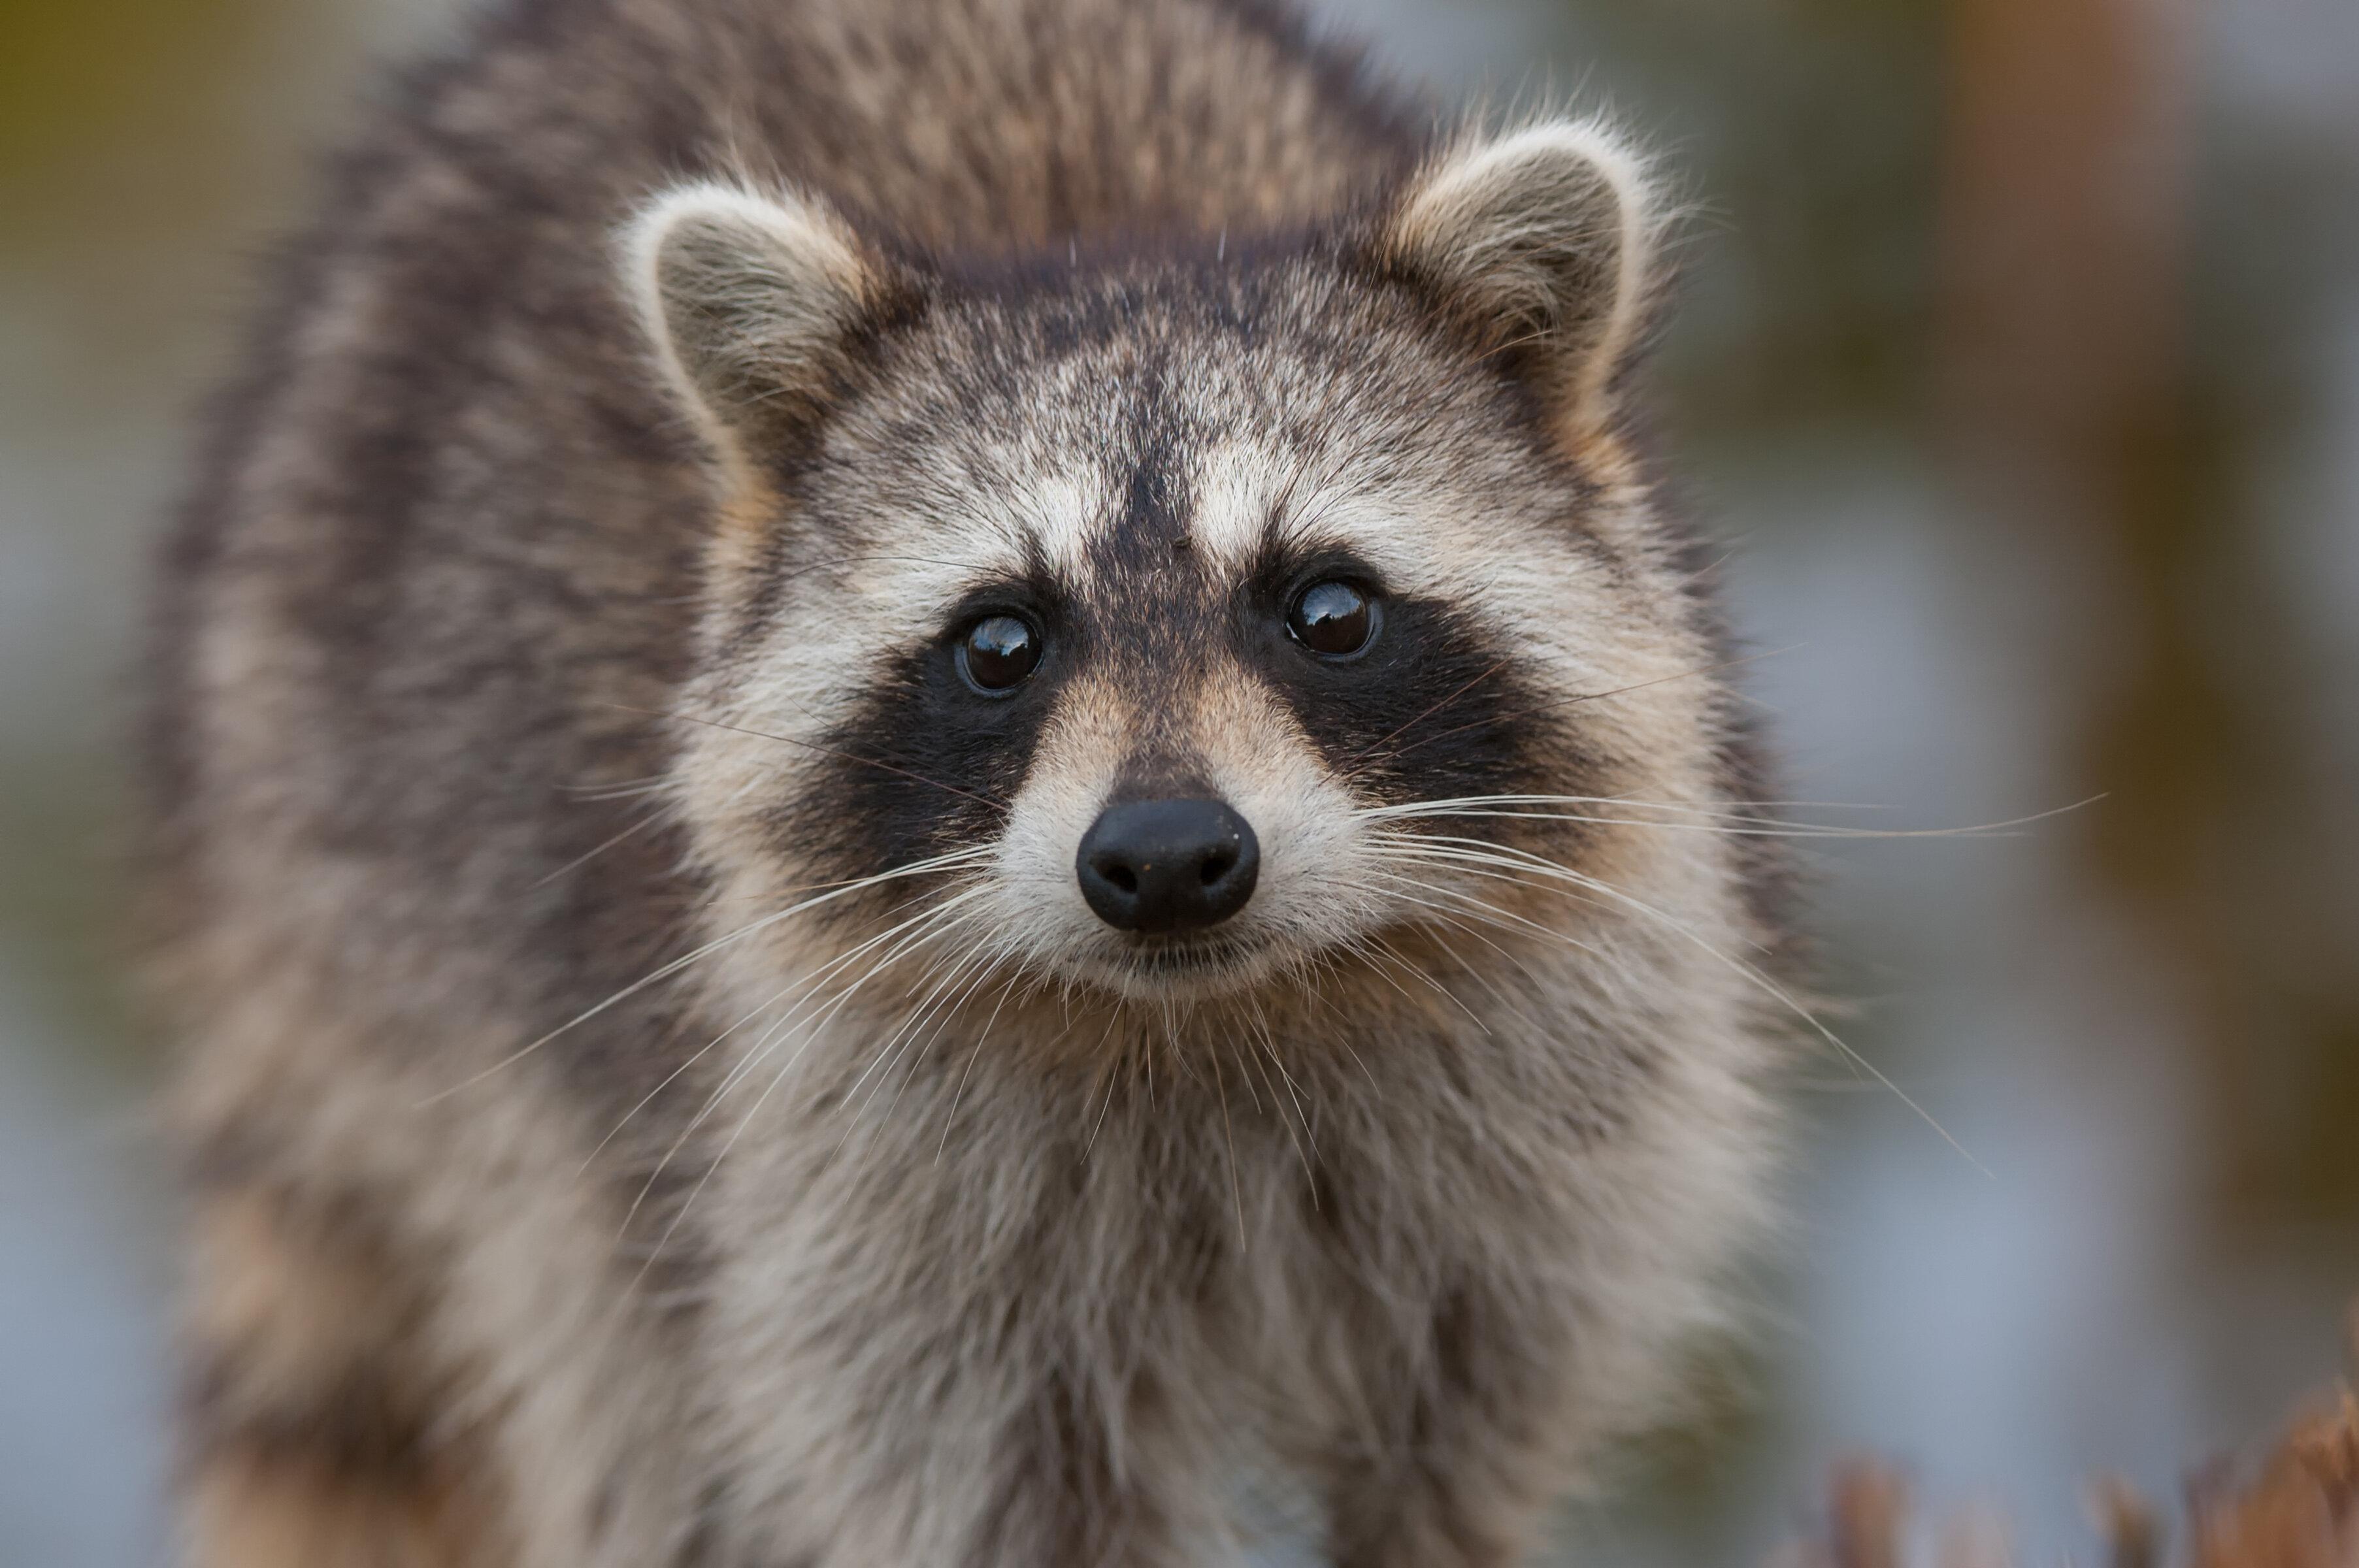 Je ziet duidelijk de snoet van de wasbeer met het opvallend zwarte masker rond de ogen en zijn grijze vacht.